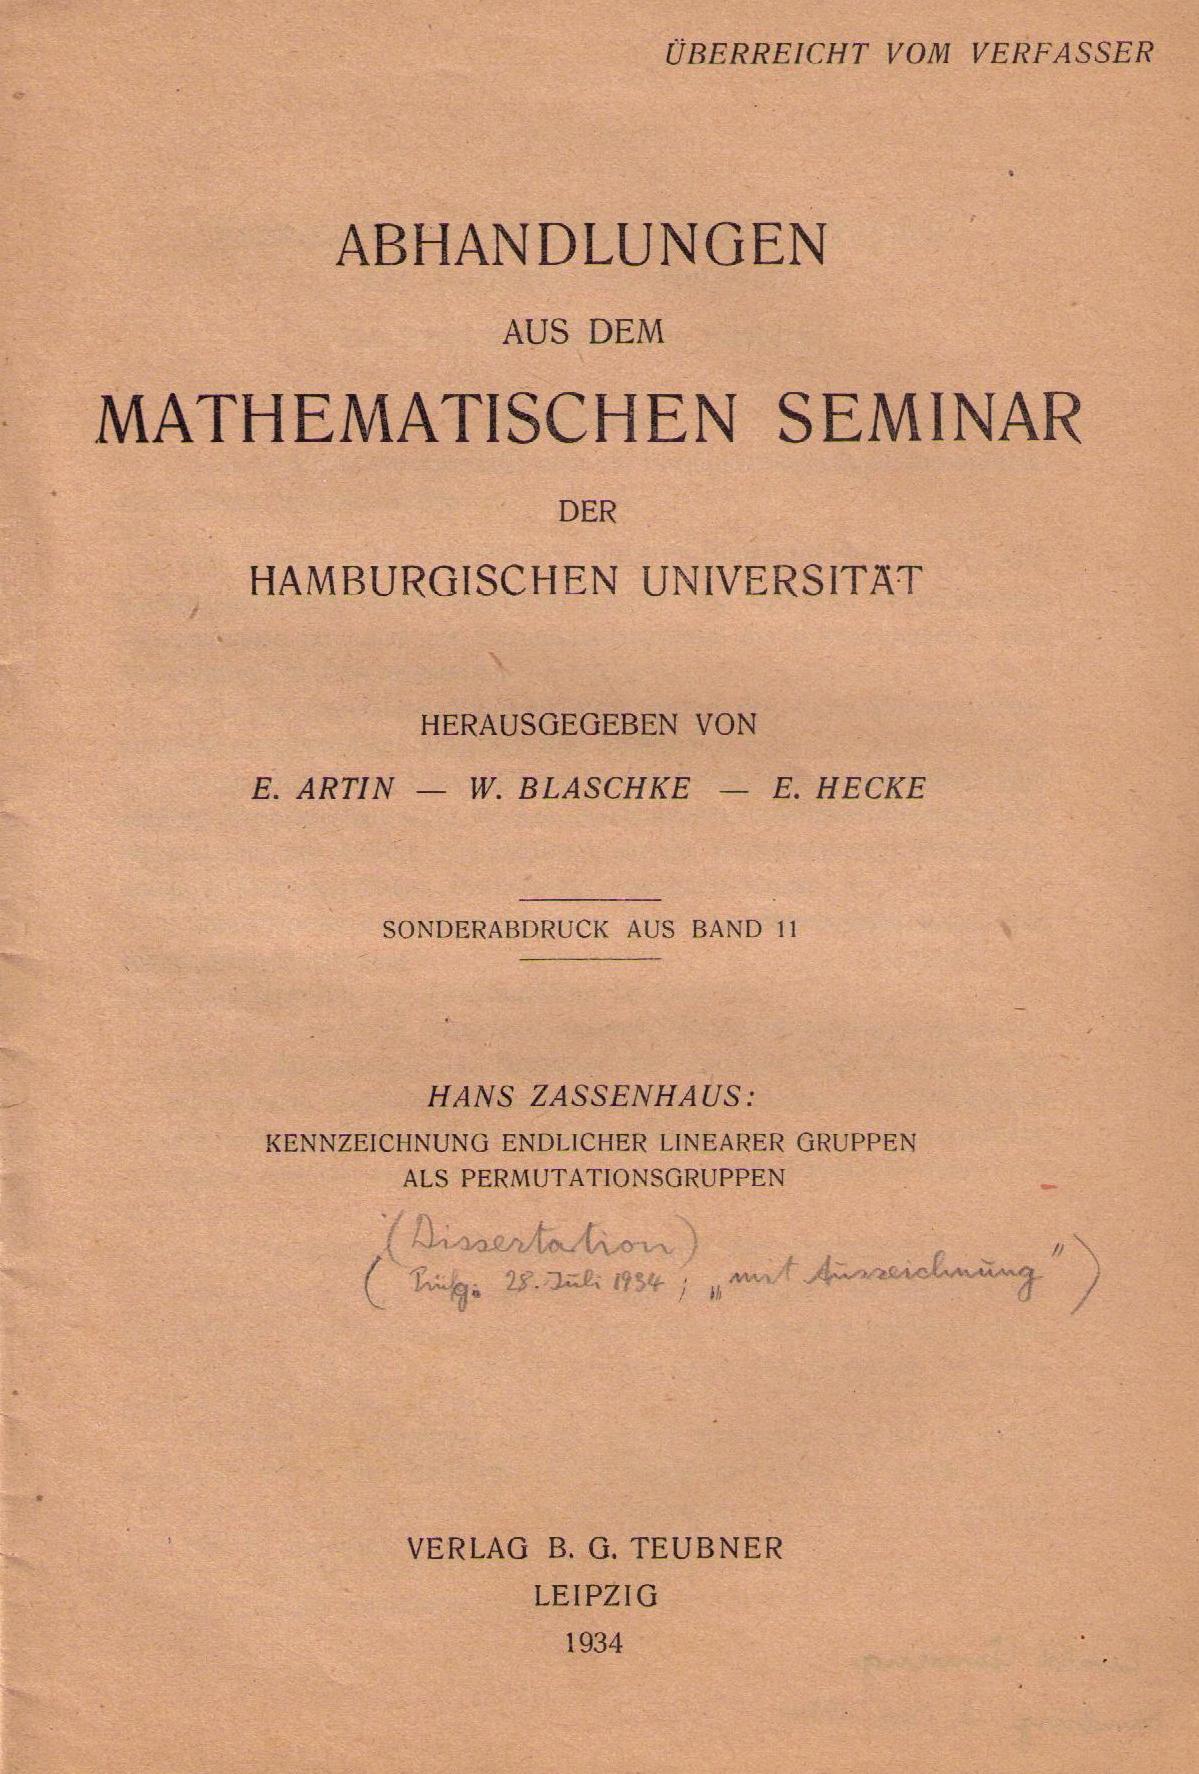 dissertation deutsch Viele übersetzte beispielsätze mit dissertation – deutsch-englisch wörterbuch und suchmaschine für millionen von deutsch-übersetzungen.